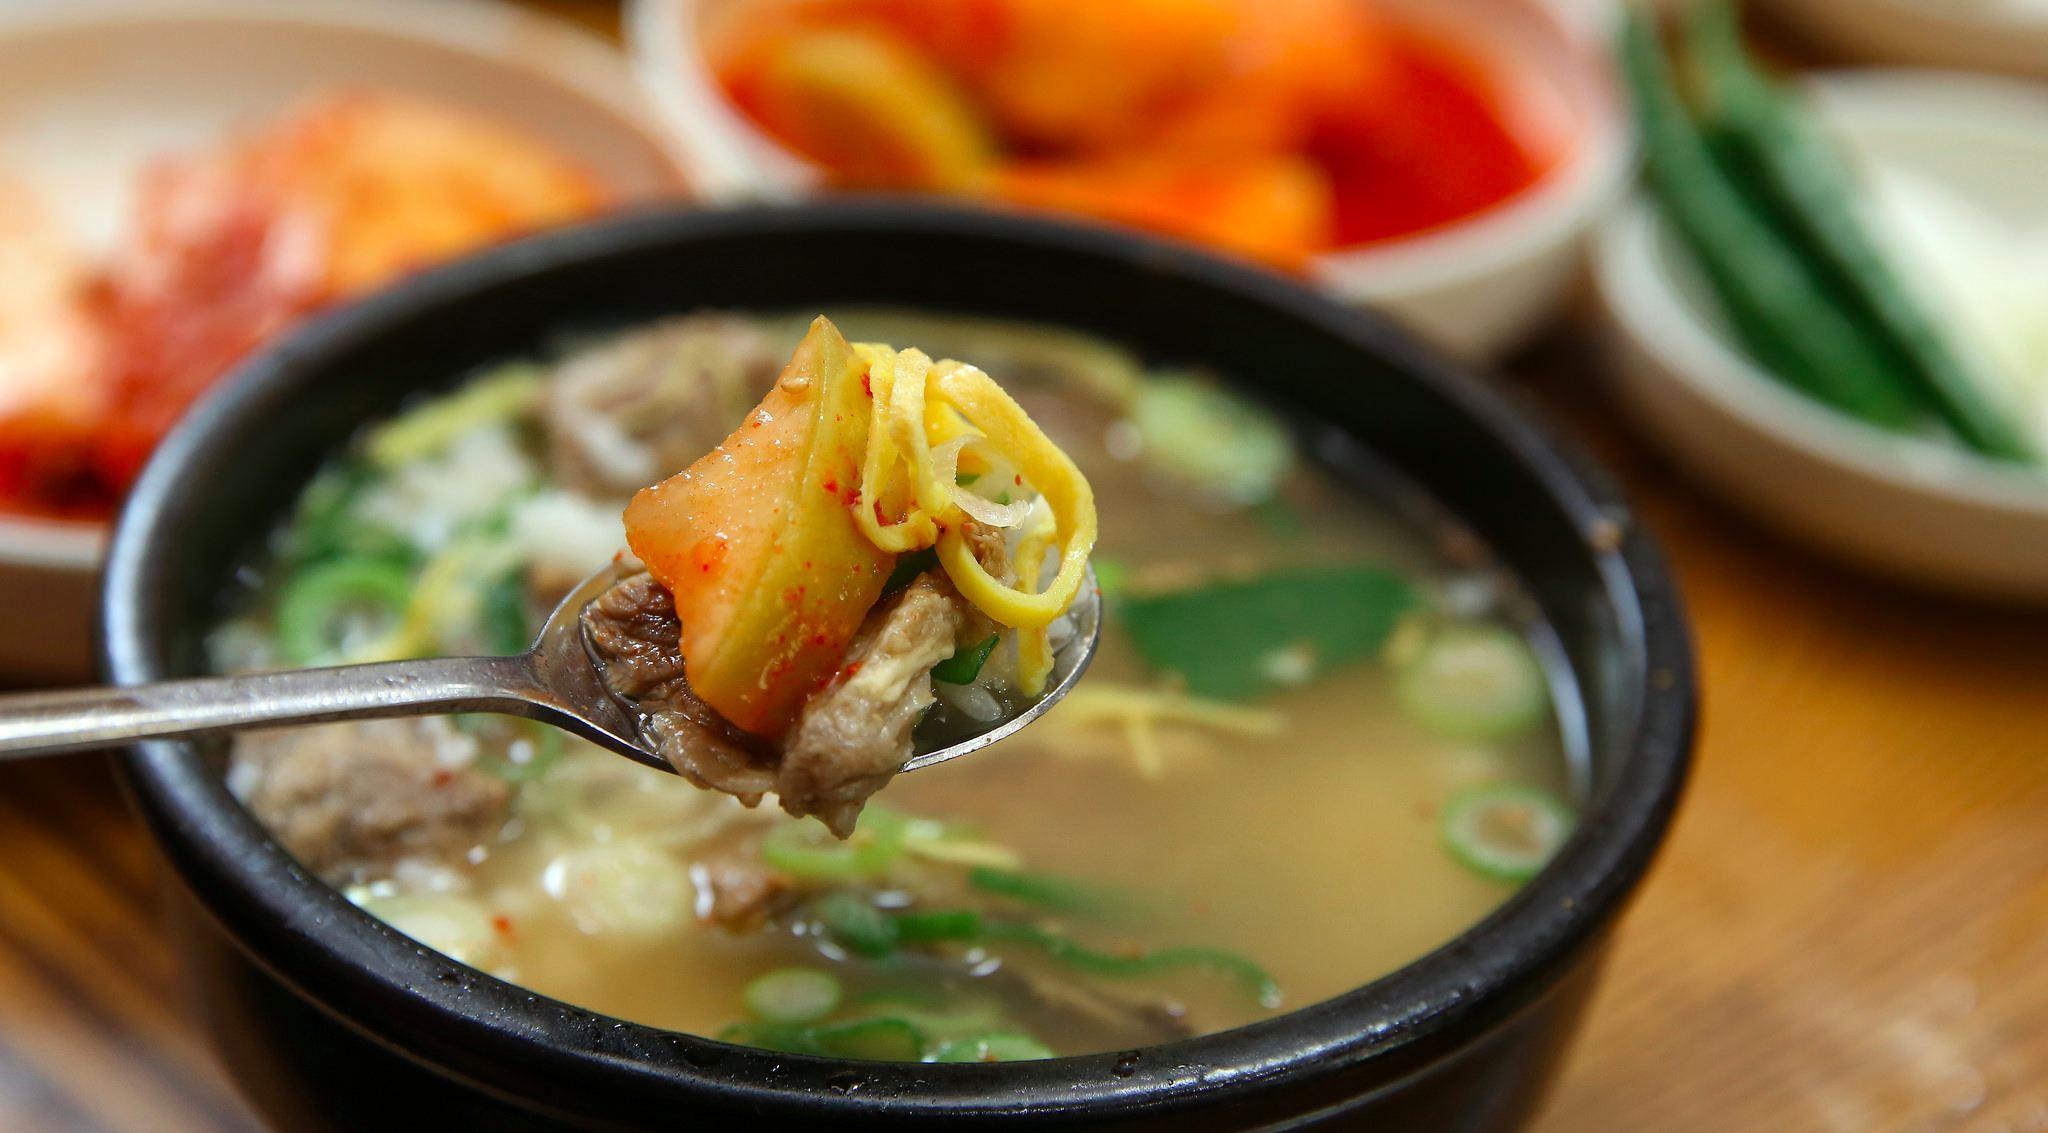 #5 不能把飯碗端起來吃飯/喝湯  這個文化其實跟台灣完全不一樣,台灣的長輩們都說要把飯碗端起來吃,才不會菜汁滴滿桌。對於龜毛一點的長輩而言,甚至會覺得不把碗端起來好像狗在吃飯;而韓國人卻把碗端起來吃視為不禮貌的行為,好一個文化衝擊!  小編去過兩次韓國,因為都是一群人自由行,又是到觀光地區,所以不太會發生以上情況,若是自己獨自一人或是決定到韓國待一陣子,以上的規範絕對不可不知!